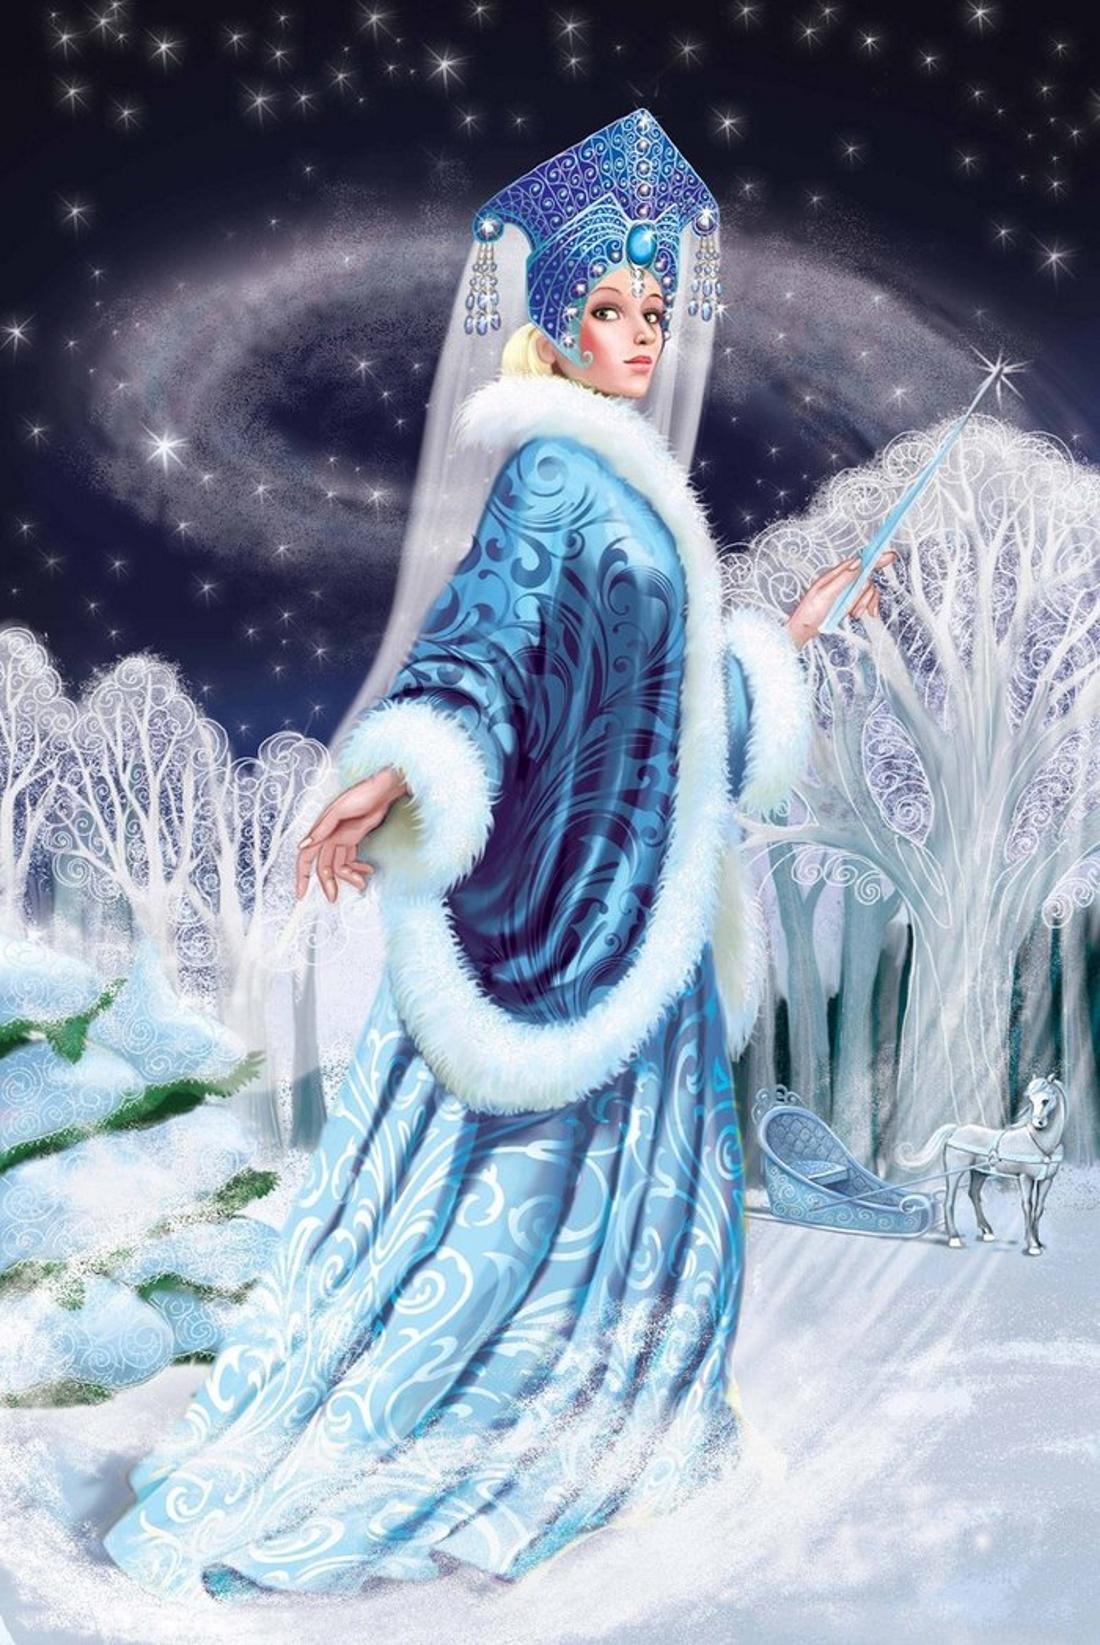 картинки королевы снежной